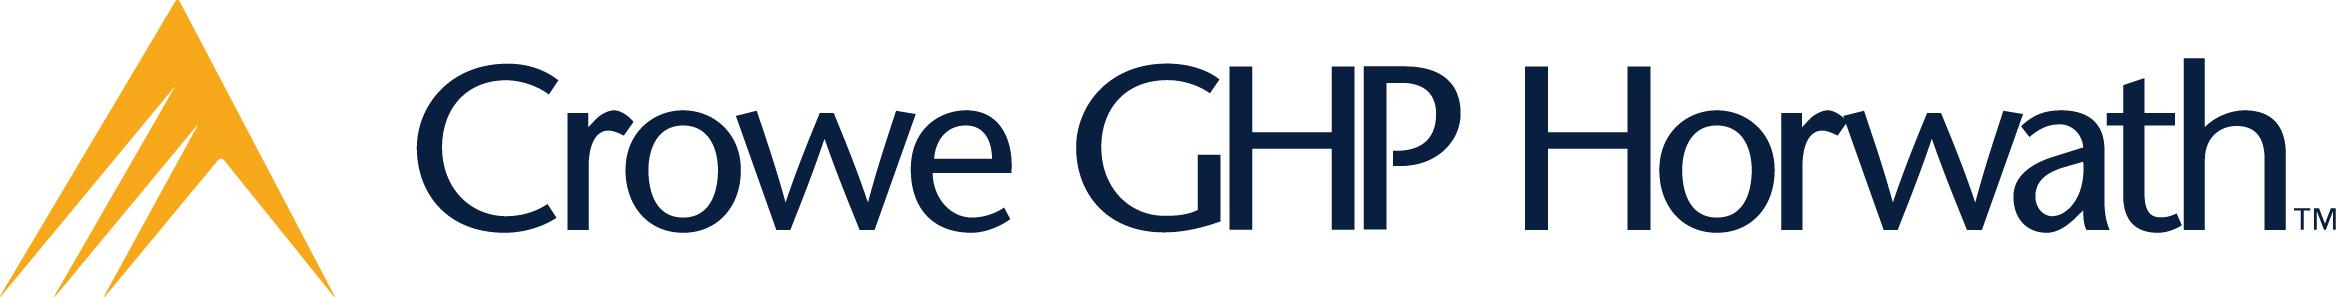 Crowe GHP Horwath